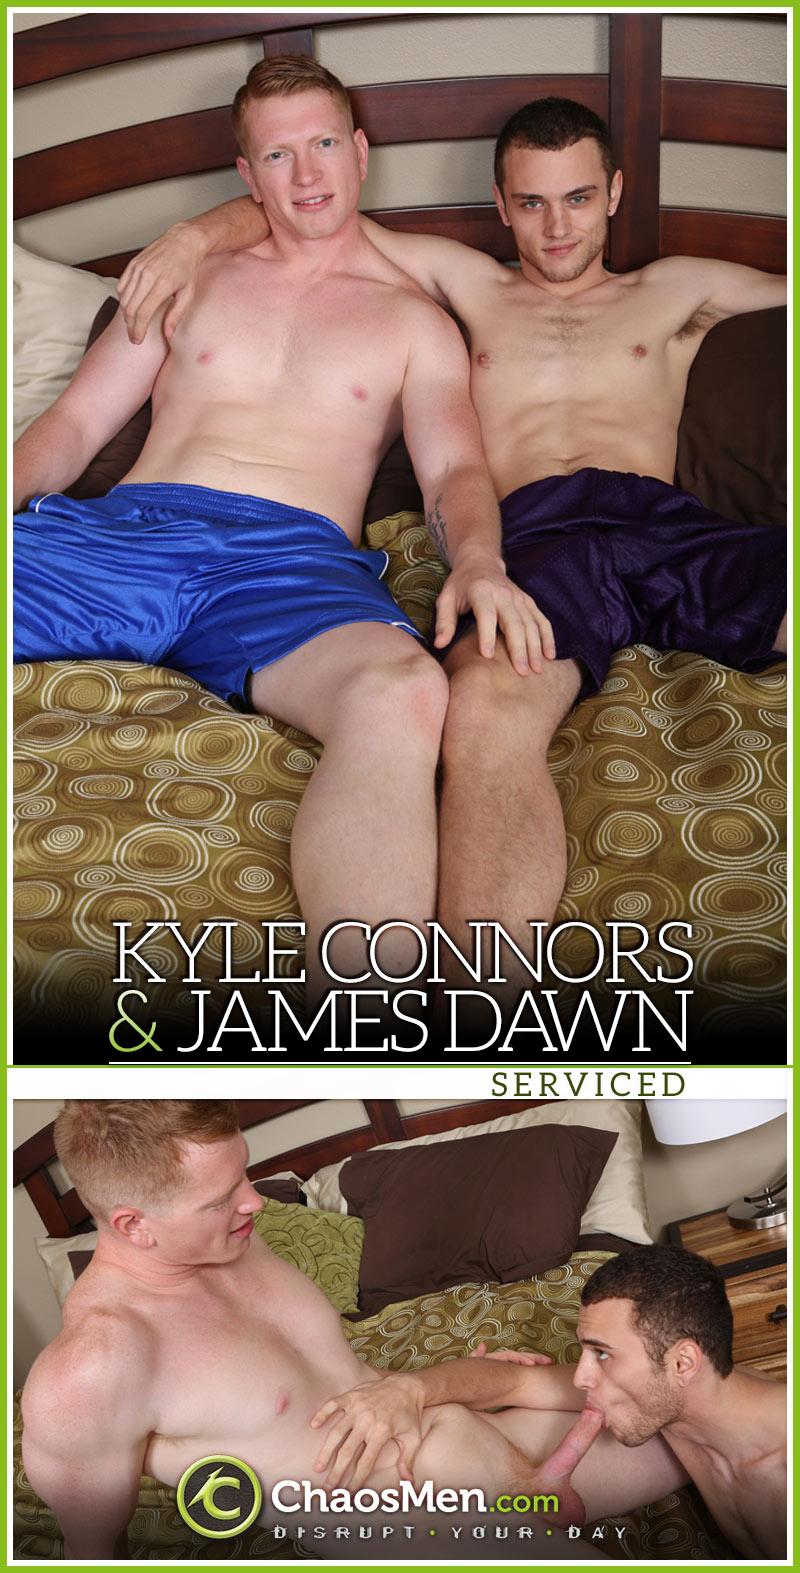 Actor Porno Connor Co chaosmen: kyle connors & james dawn 'serviced' - waybig